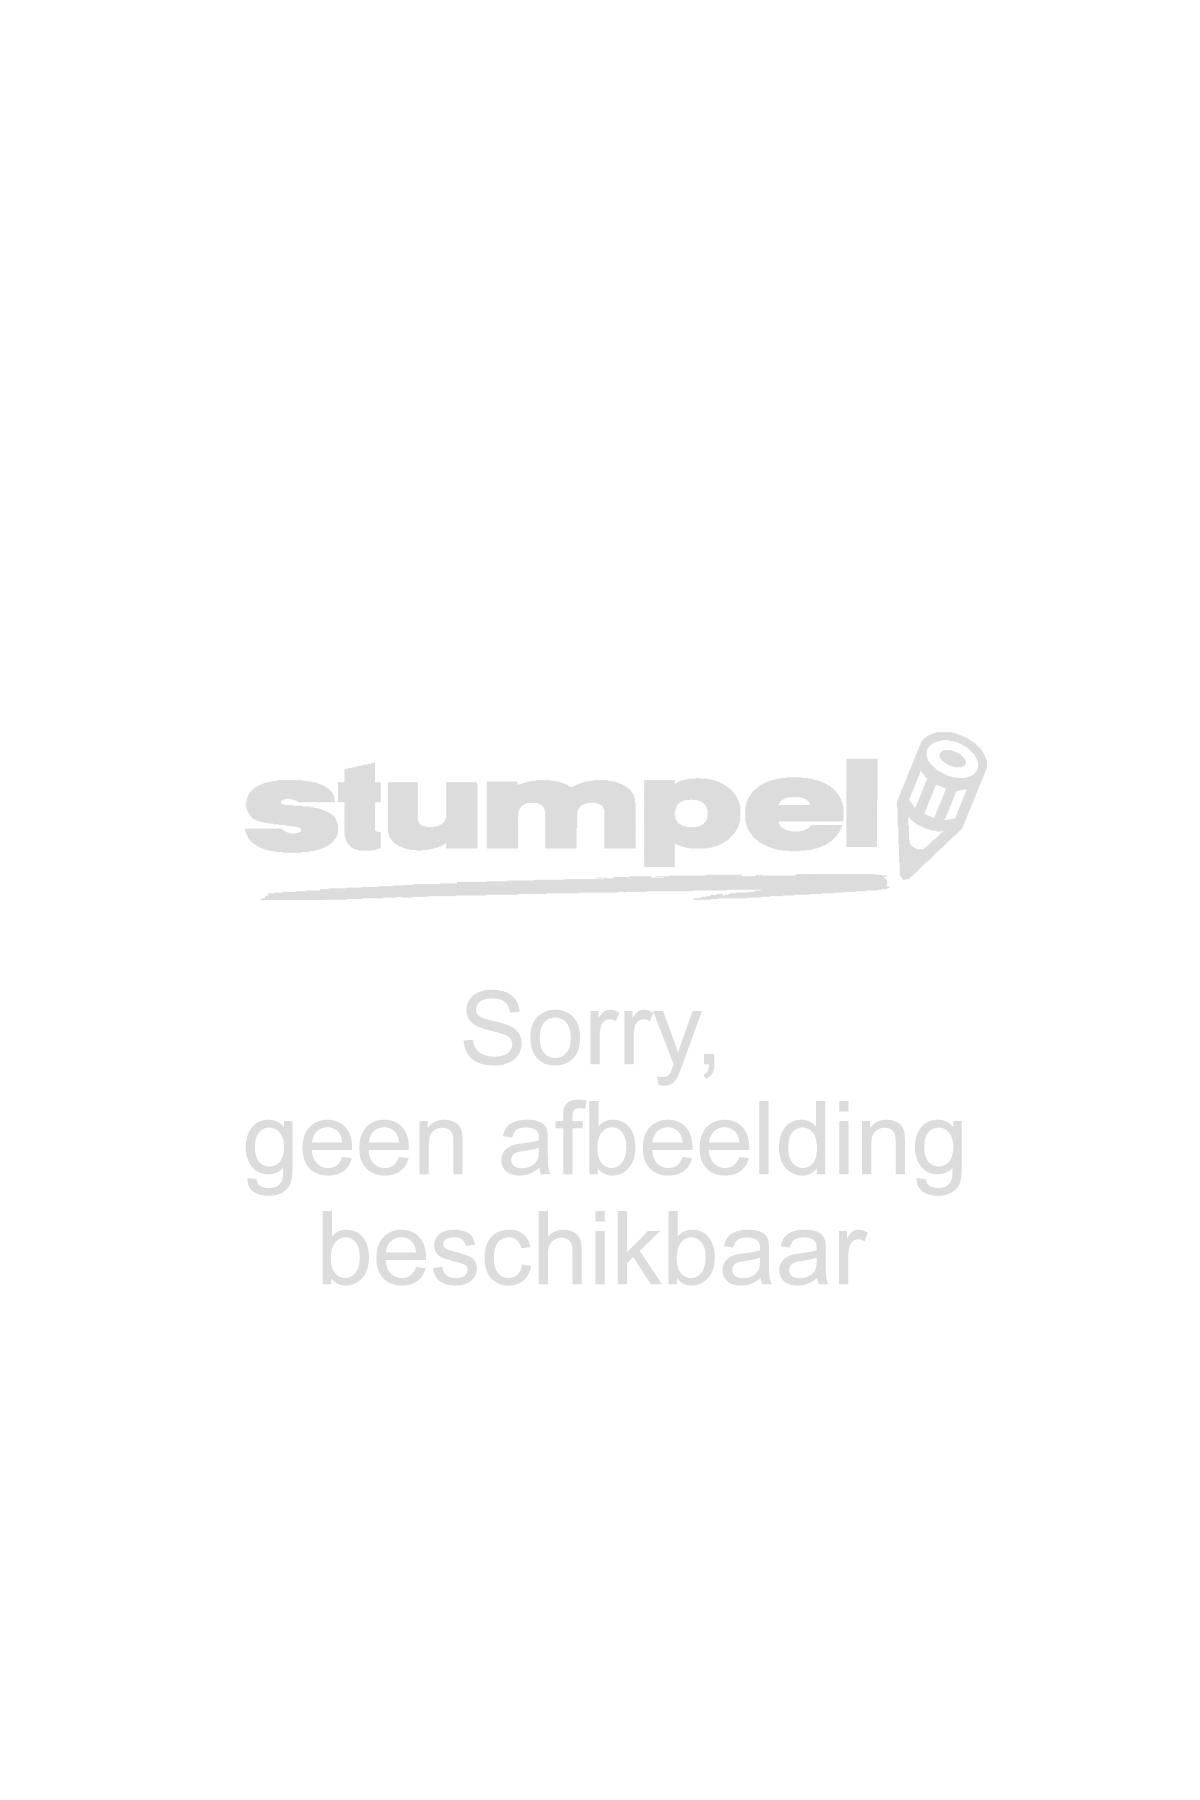 leesbril-woody-g14500-oranje-1-00-dpt-10507056